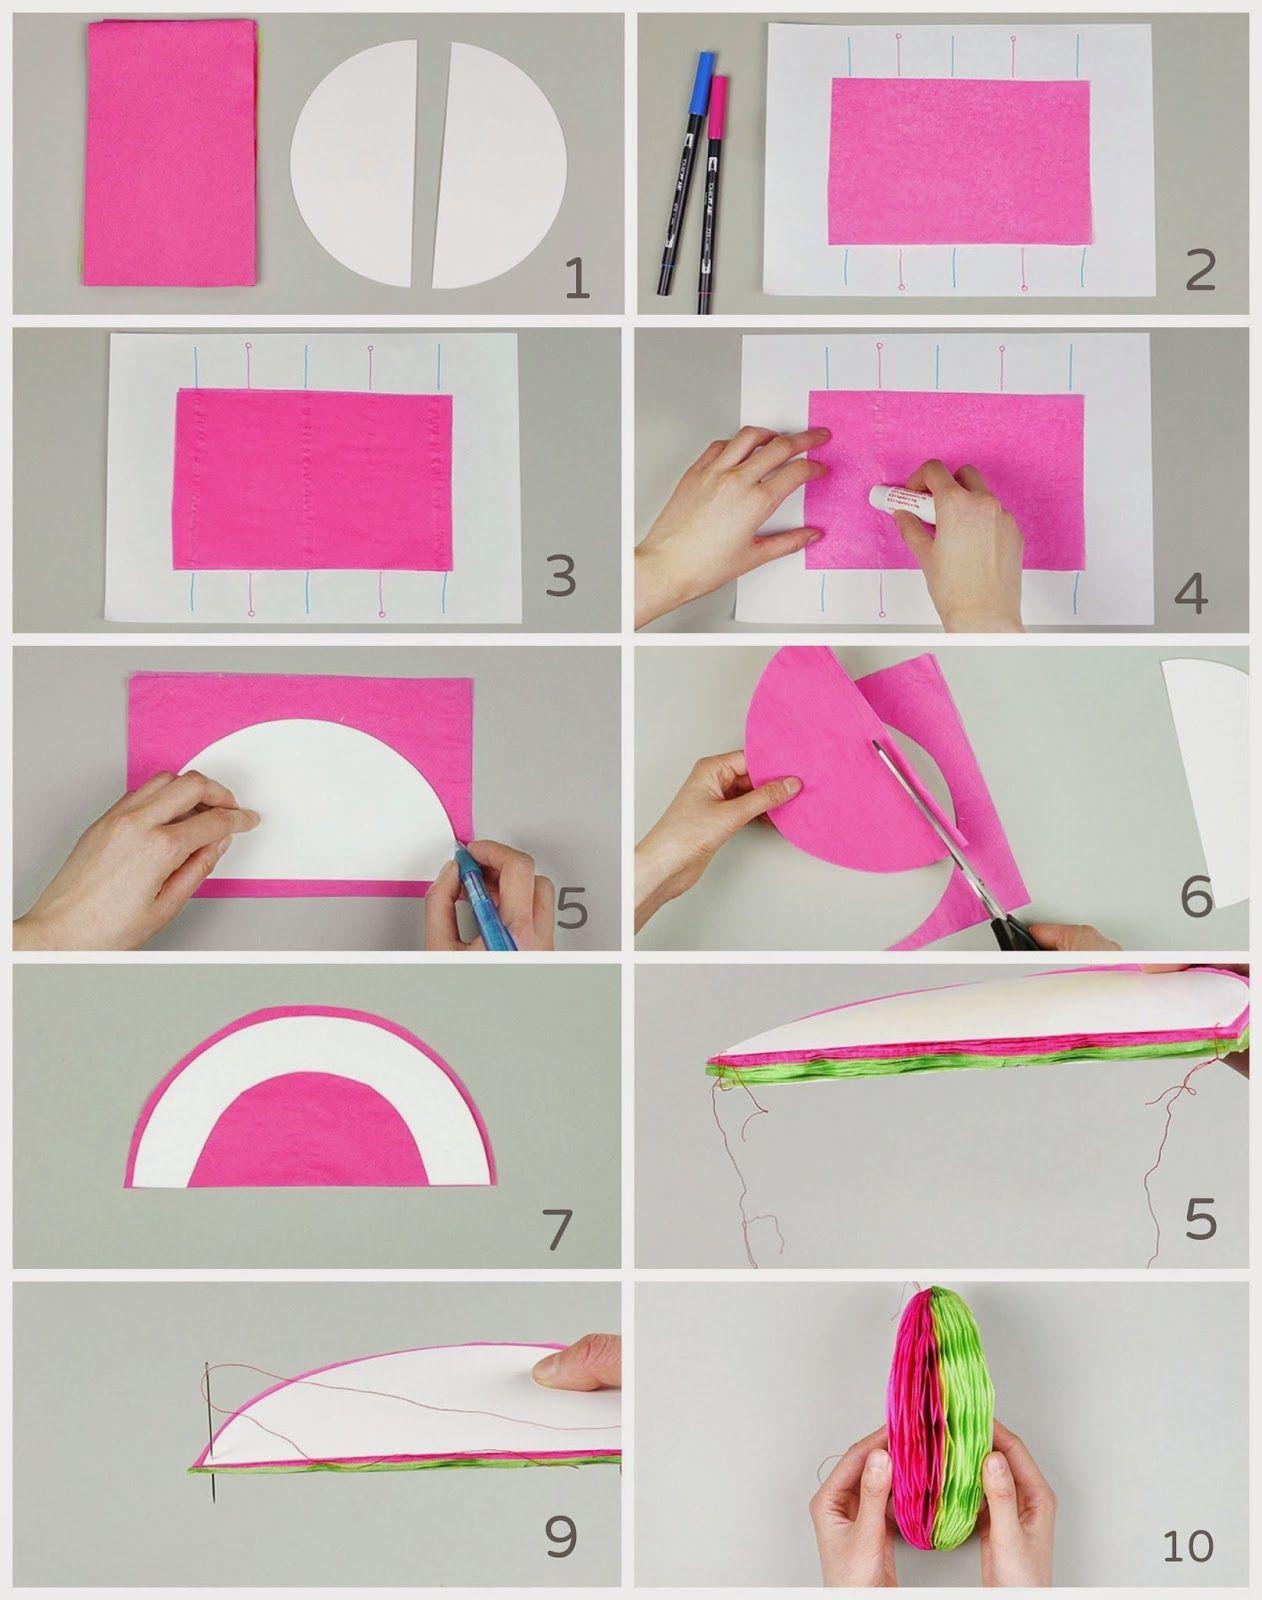 Facilisimo manualidades de papel bolas de nido de abeja - Manualidades de decoracion ...